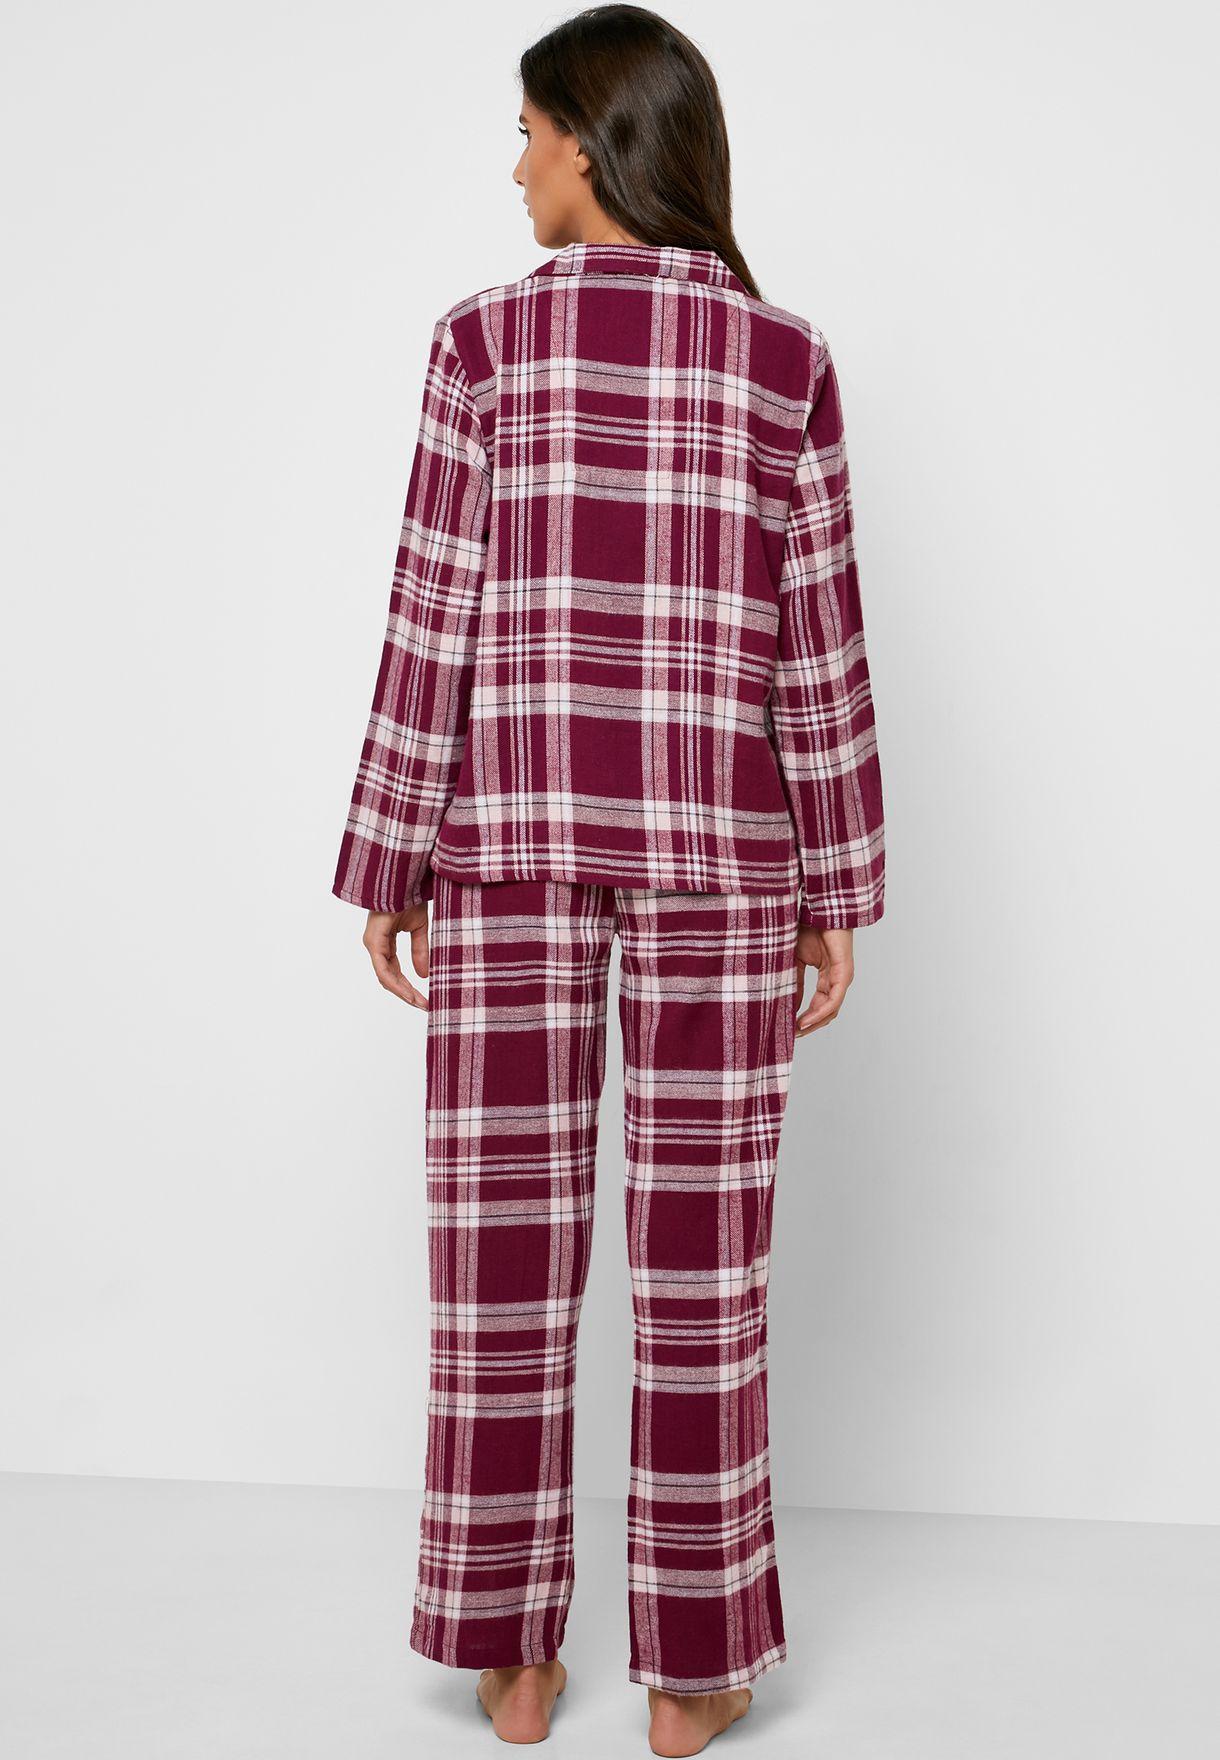 Checked Shirt Pyjama Set w/ Gift Bag